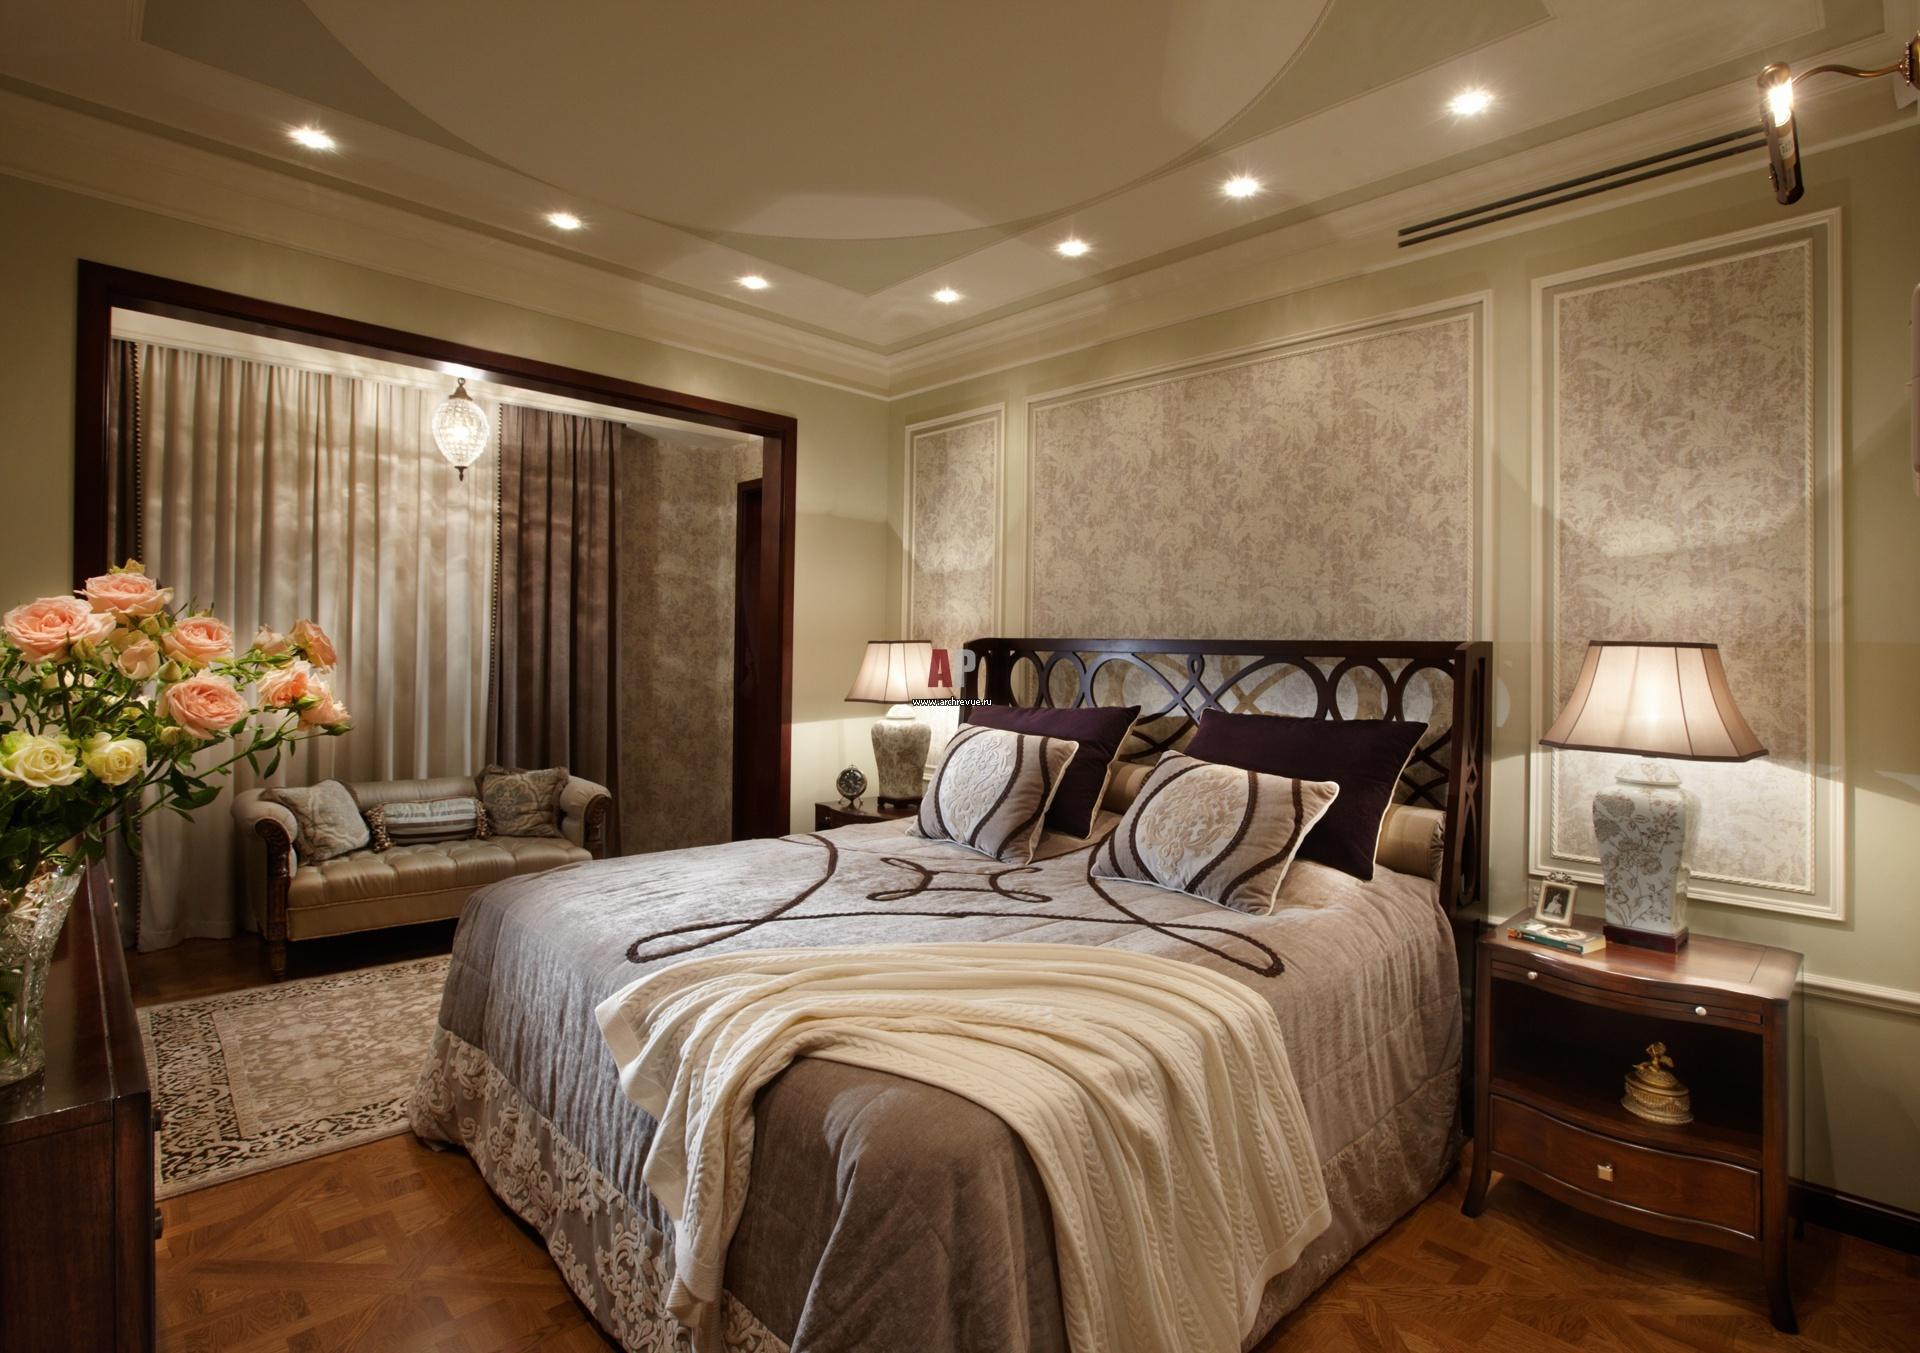 Спальня с балконом: дизайн особенностями intended for 73 кру.